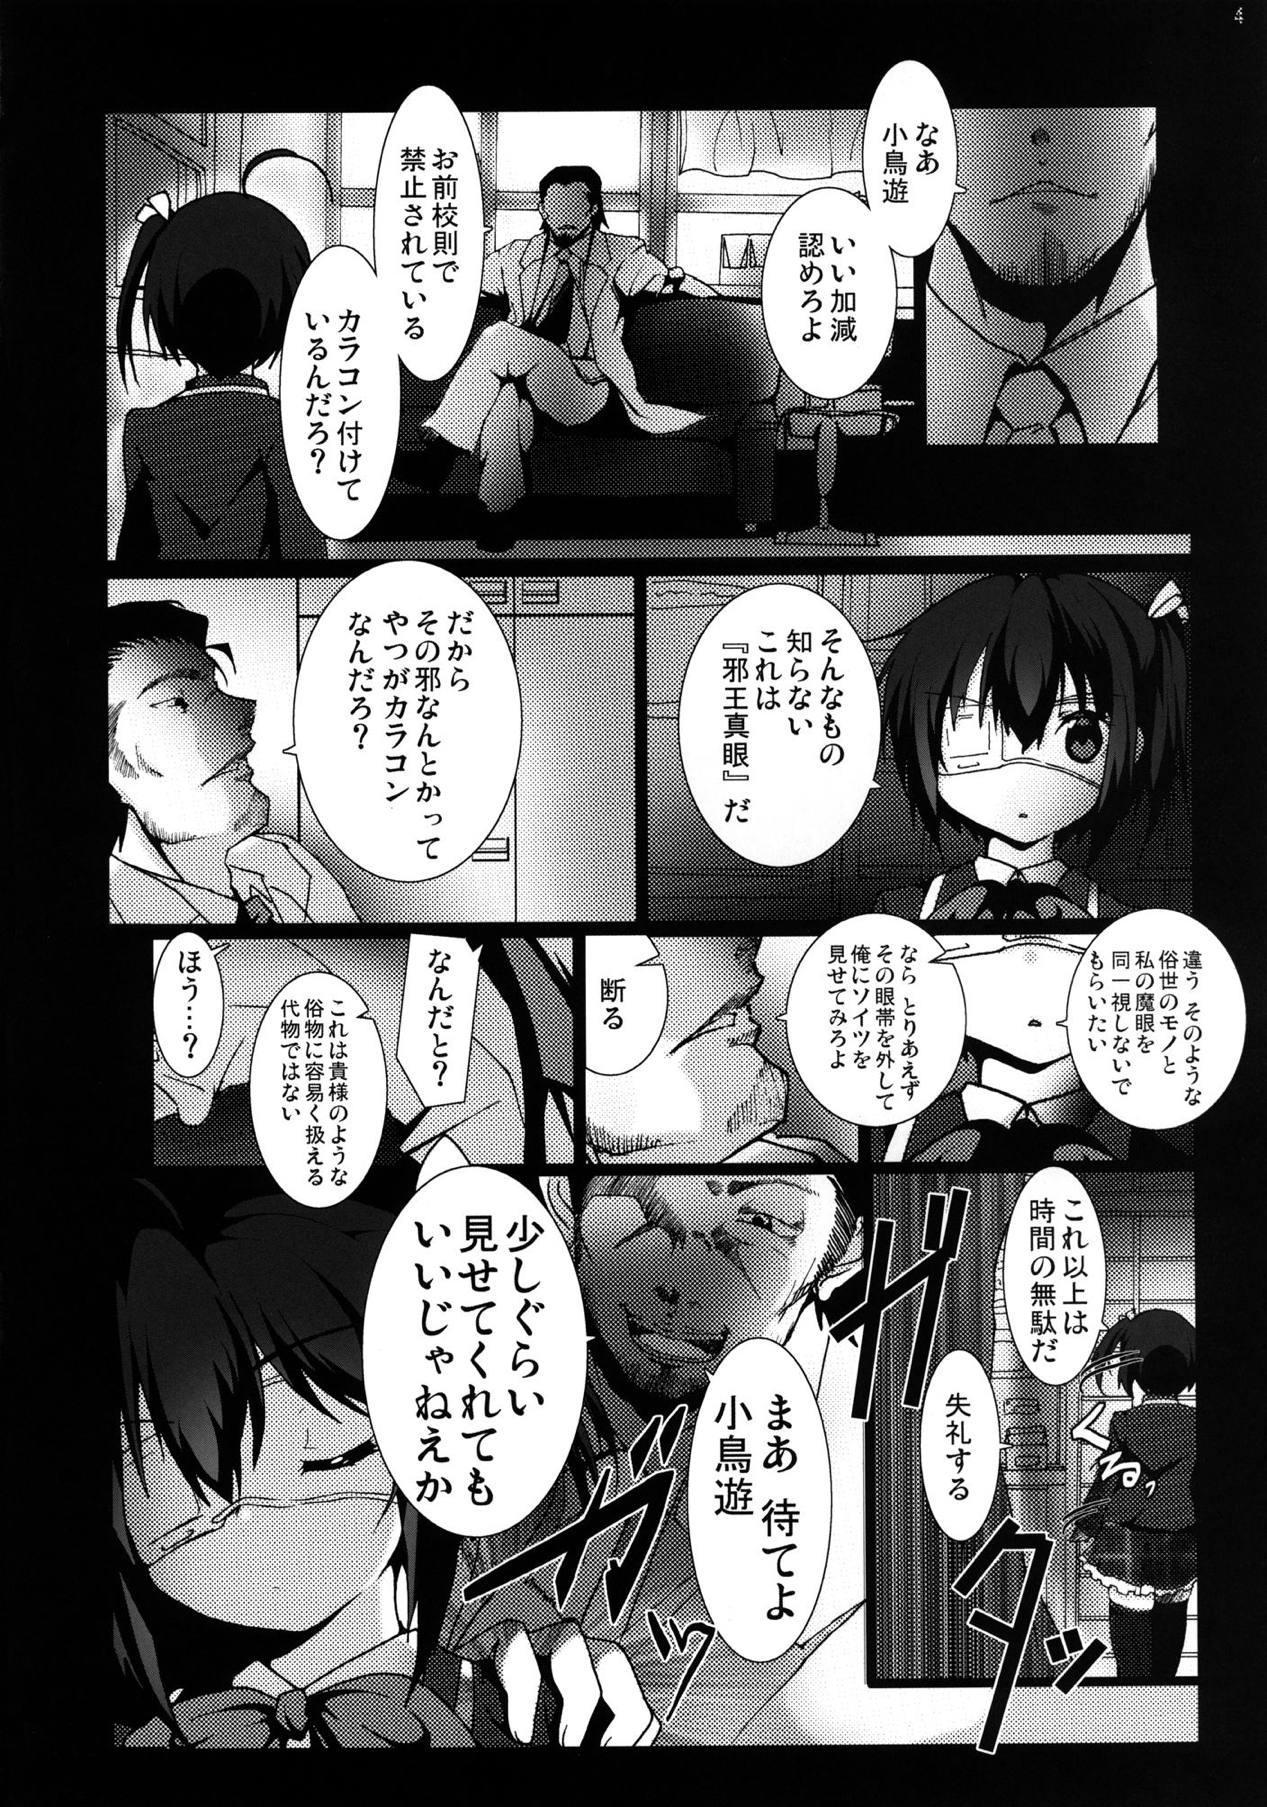 Chuunibyou demo Ninshin Shitai! 2